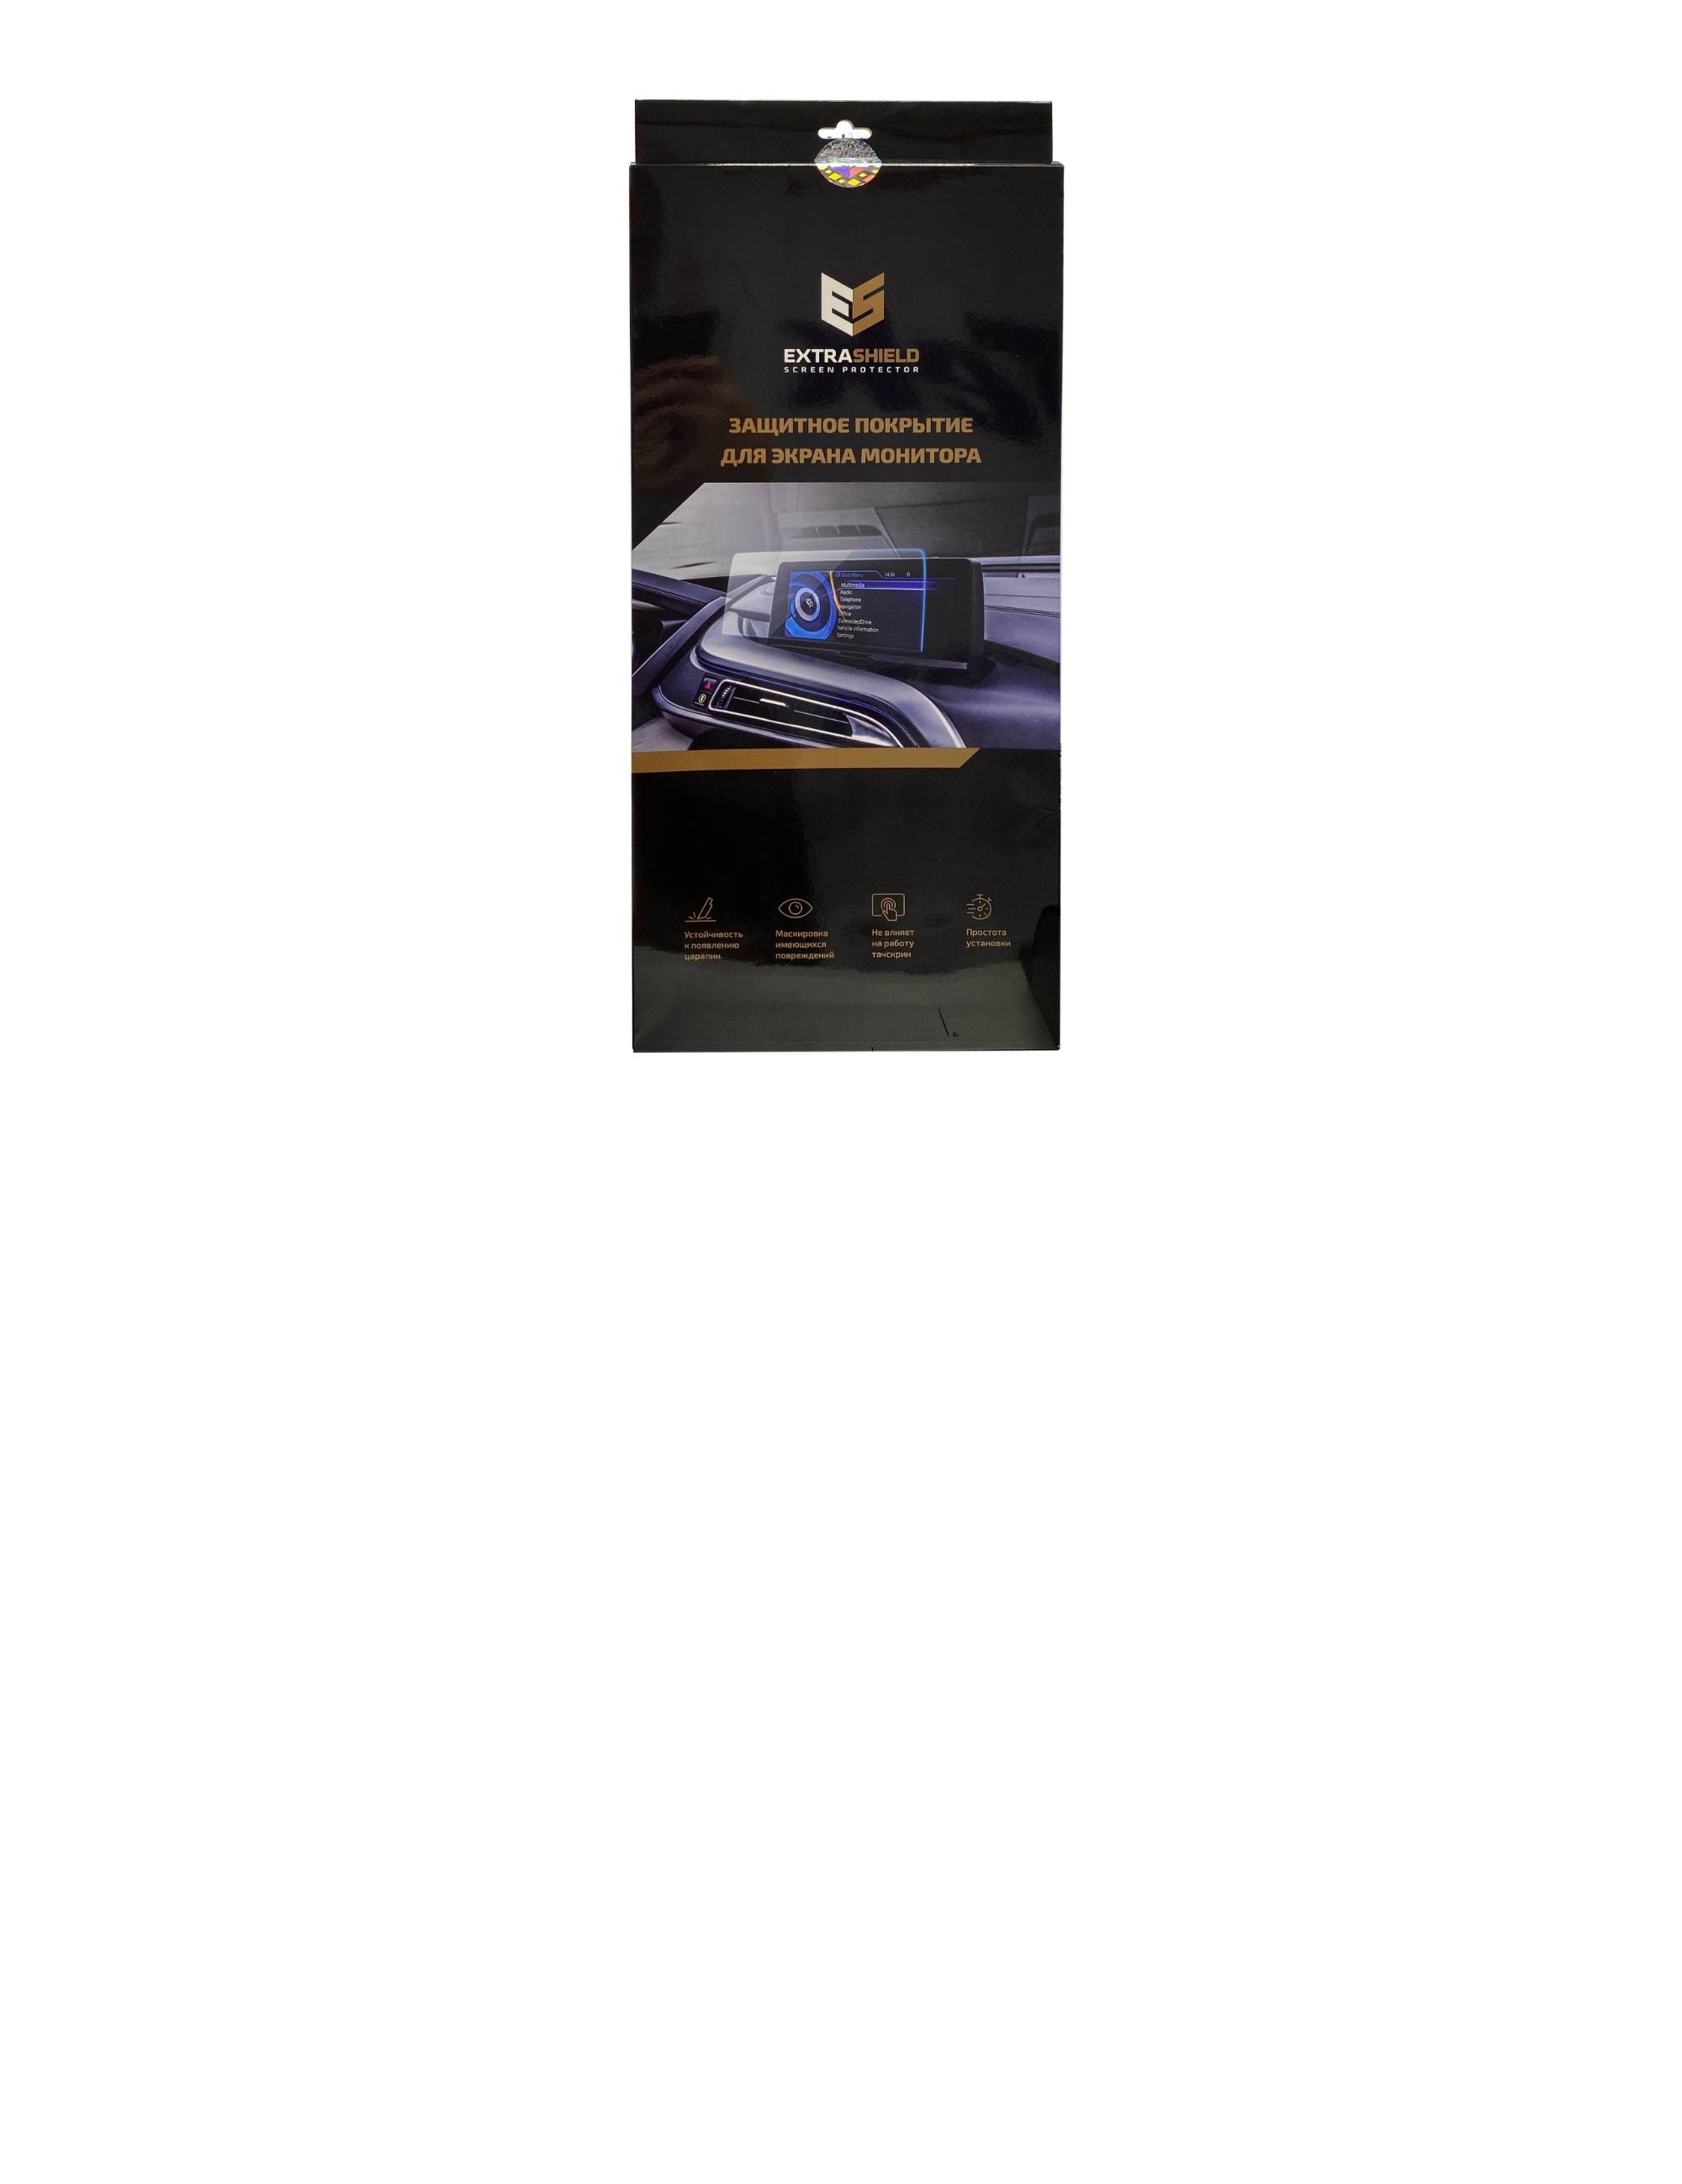 Tesla Model S 2012 - н.в. мультимедиа 12.3 Защитное стекло Глянец